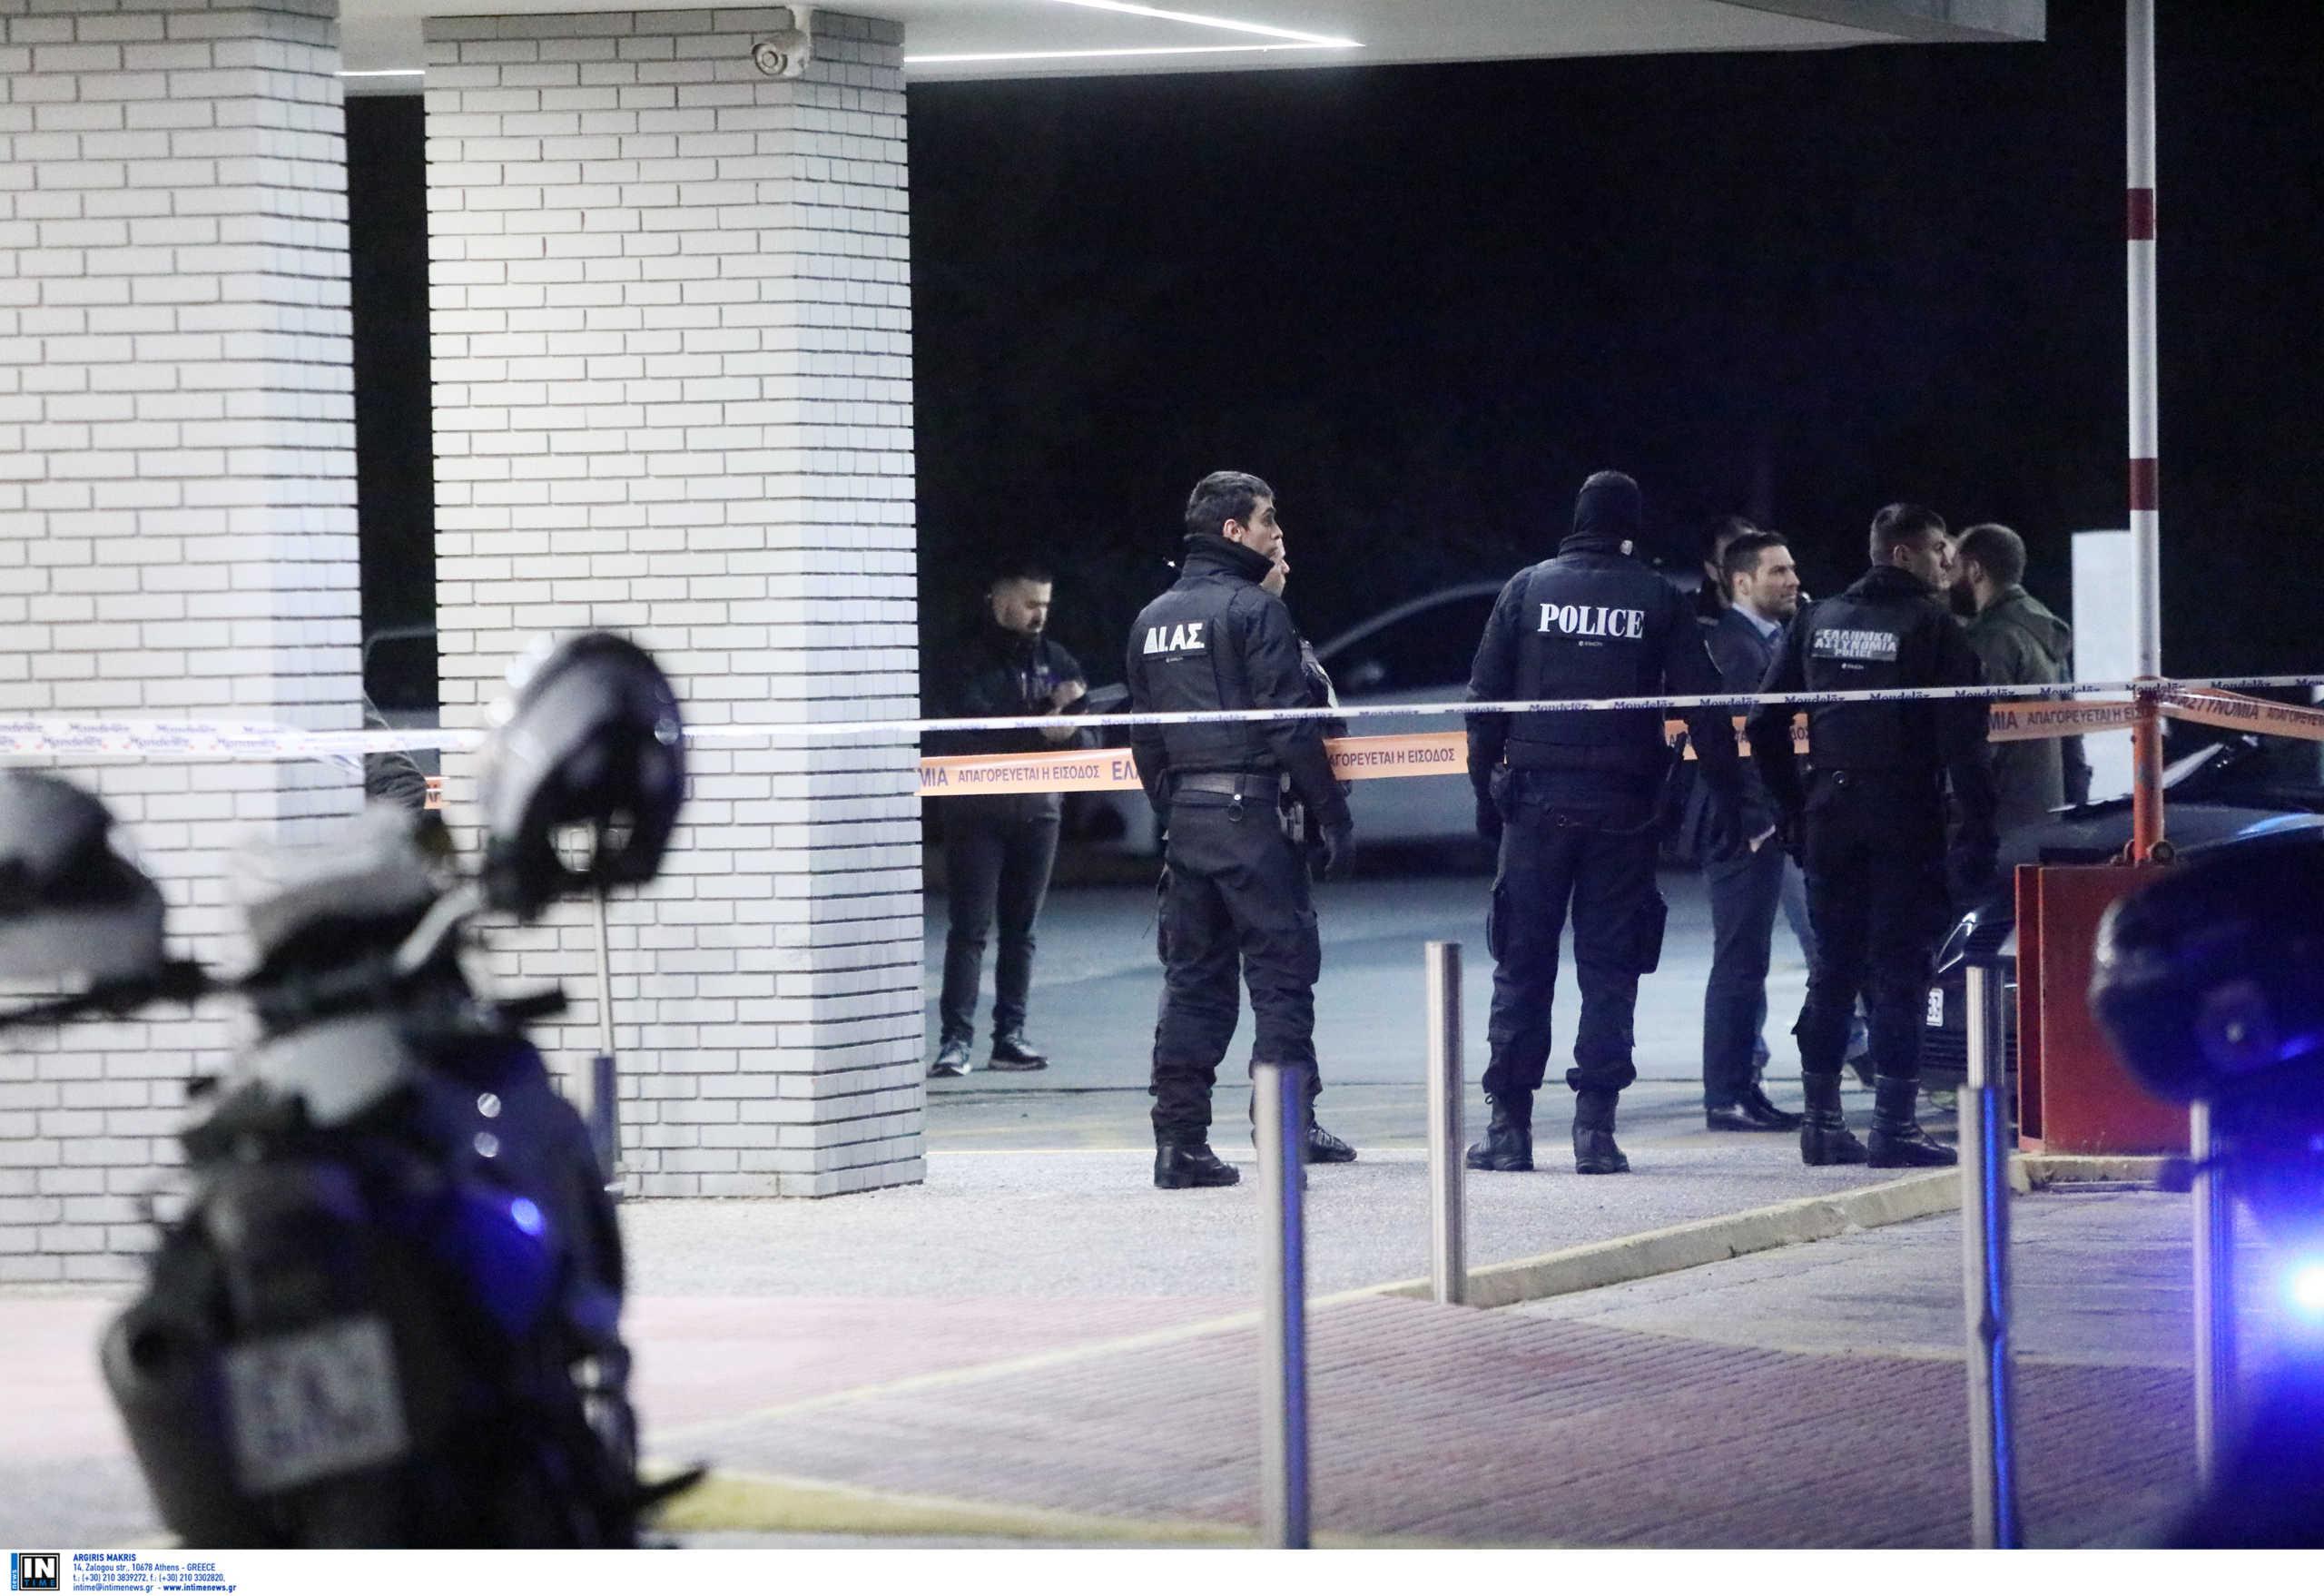 Αστυνομικός εκτέλεσε την πρώην σύζυγό του και μια φίλη της έξω από σούπερ μάρκετ στην Κηφισιά - Τι είπε στους συναδέλφους του που τον συνέλαβαν [pics]